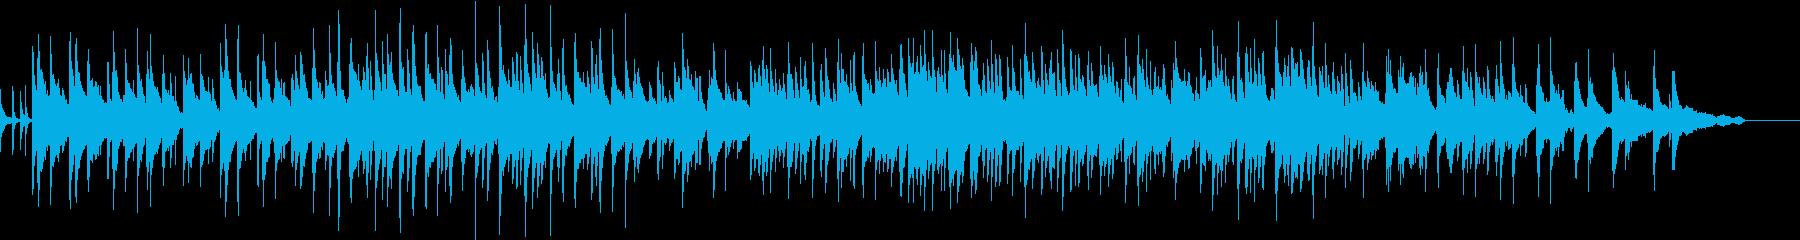 雨の日のピアノトリオの再生済みの波形